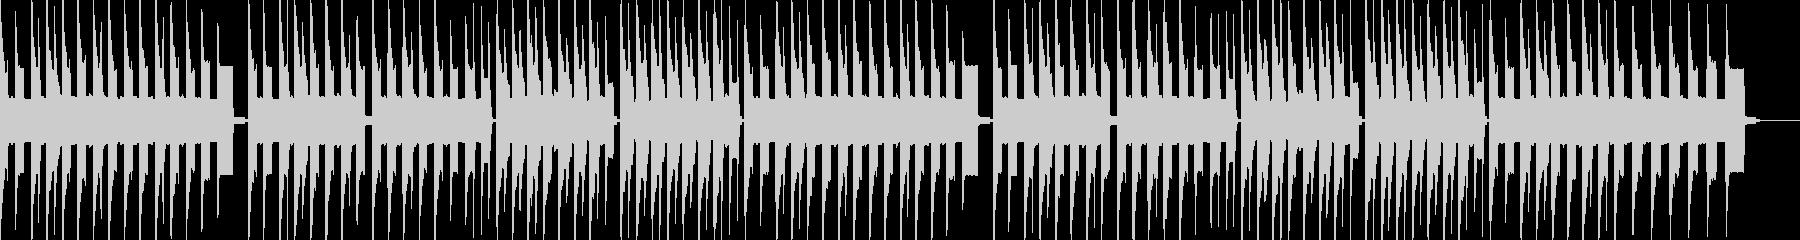 お正月をファミコン音源可!楽しいゲームにの未再生の波形